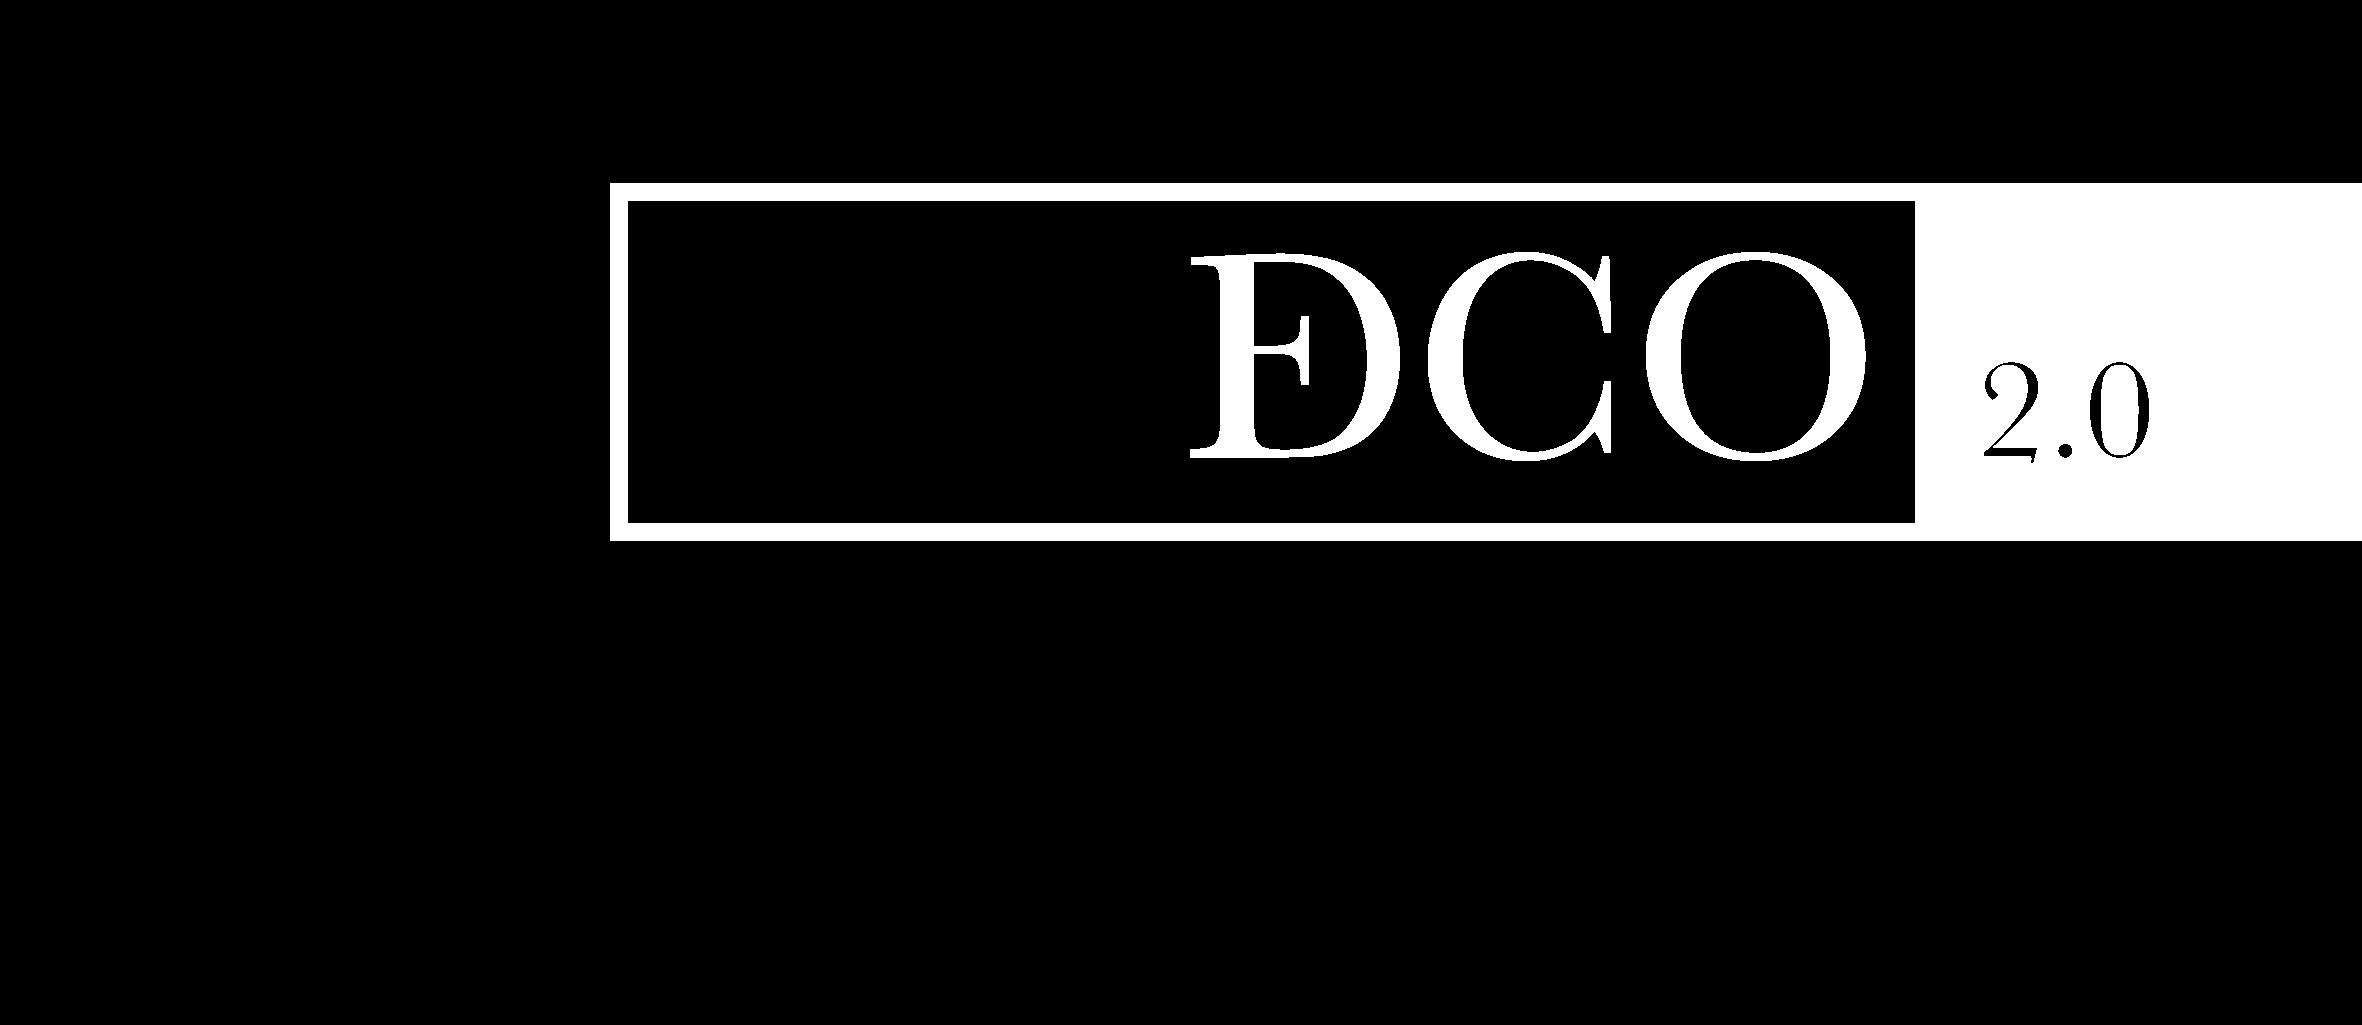 DECO 2.0